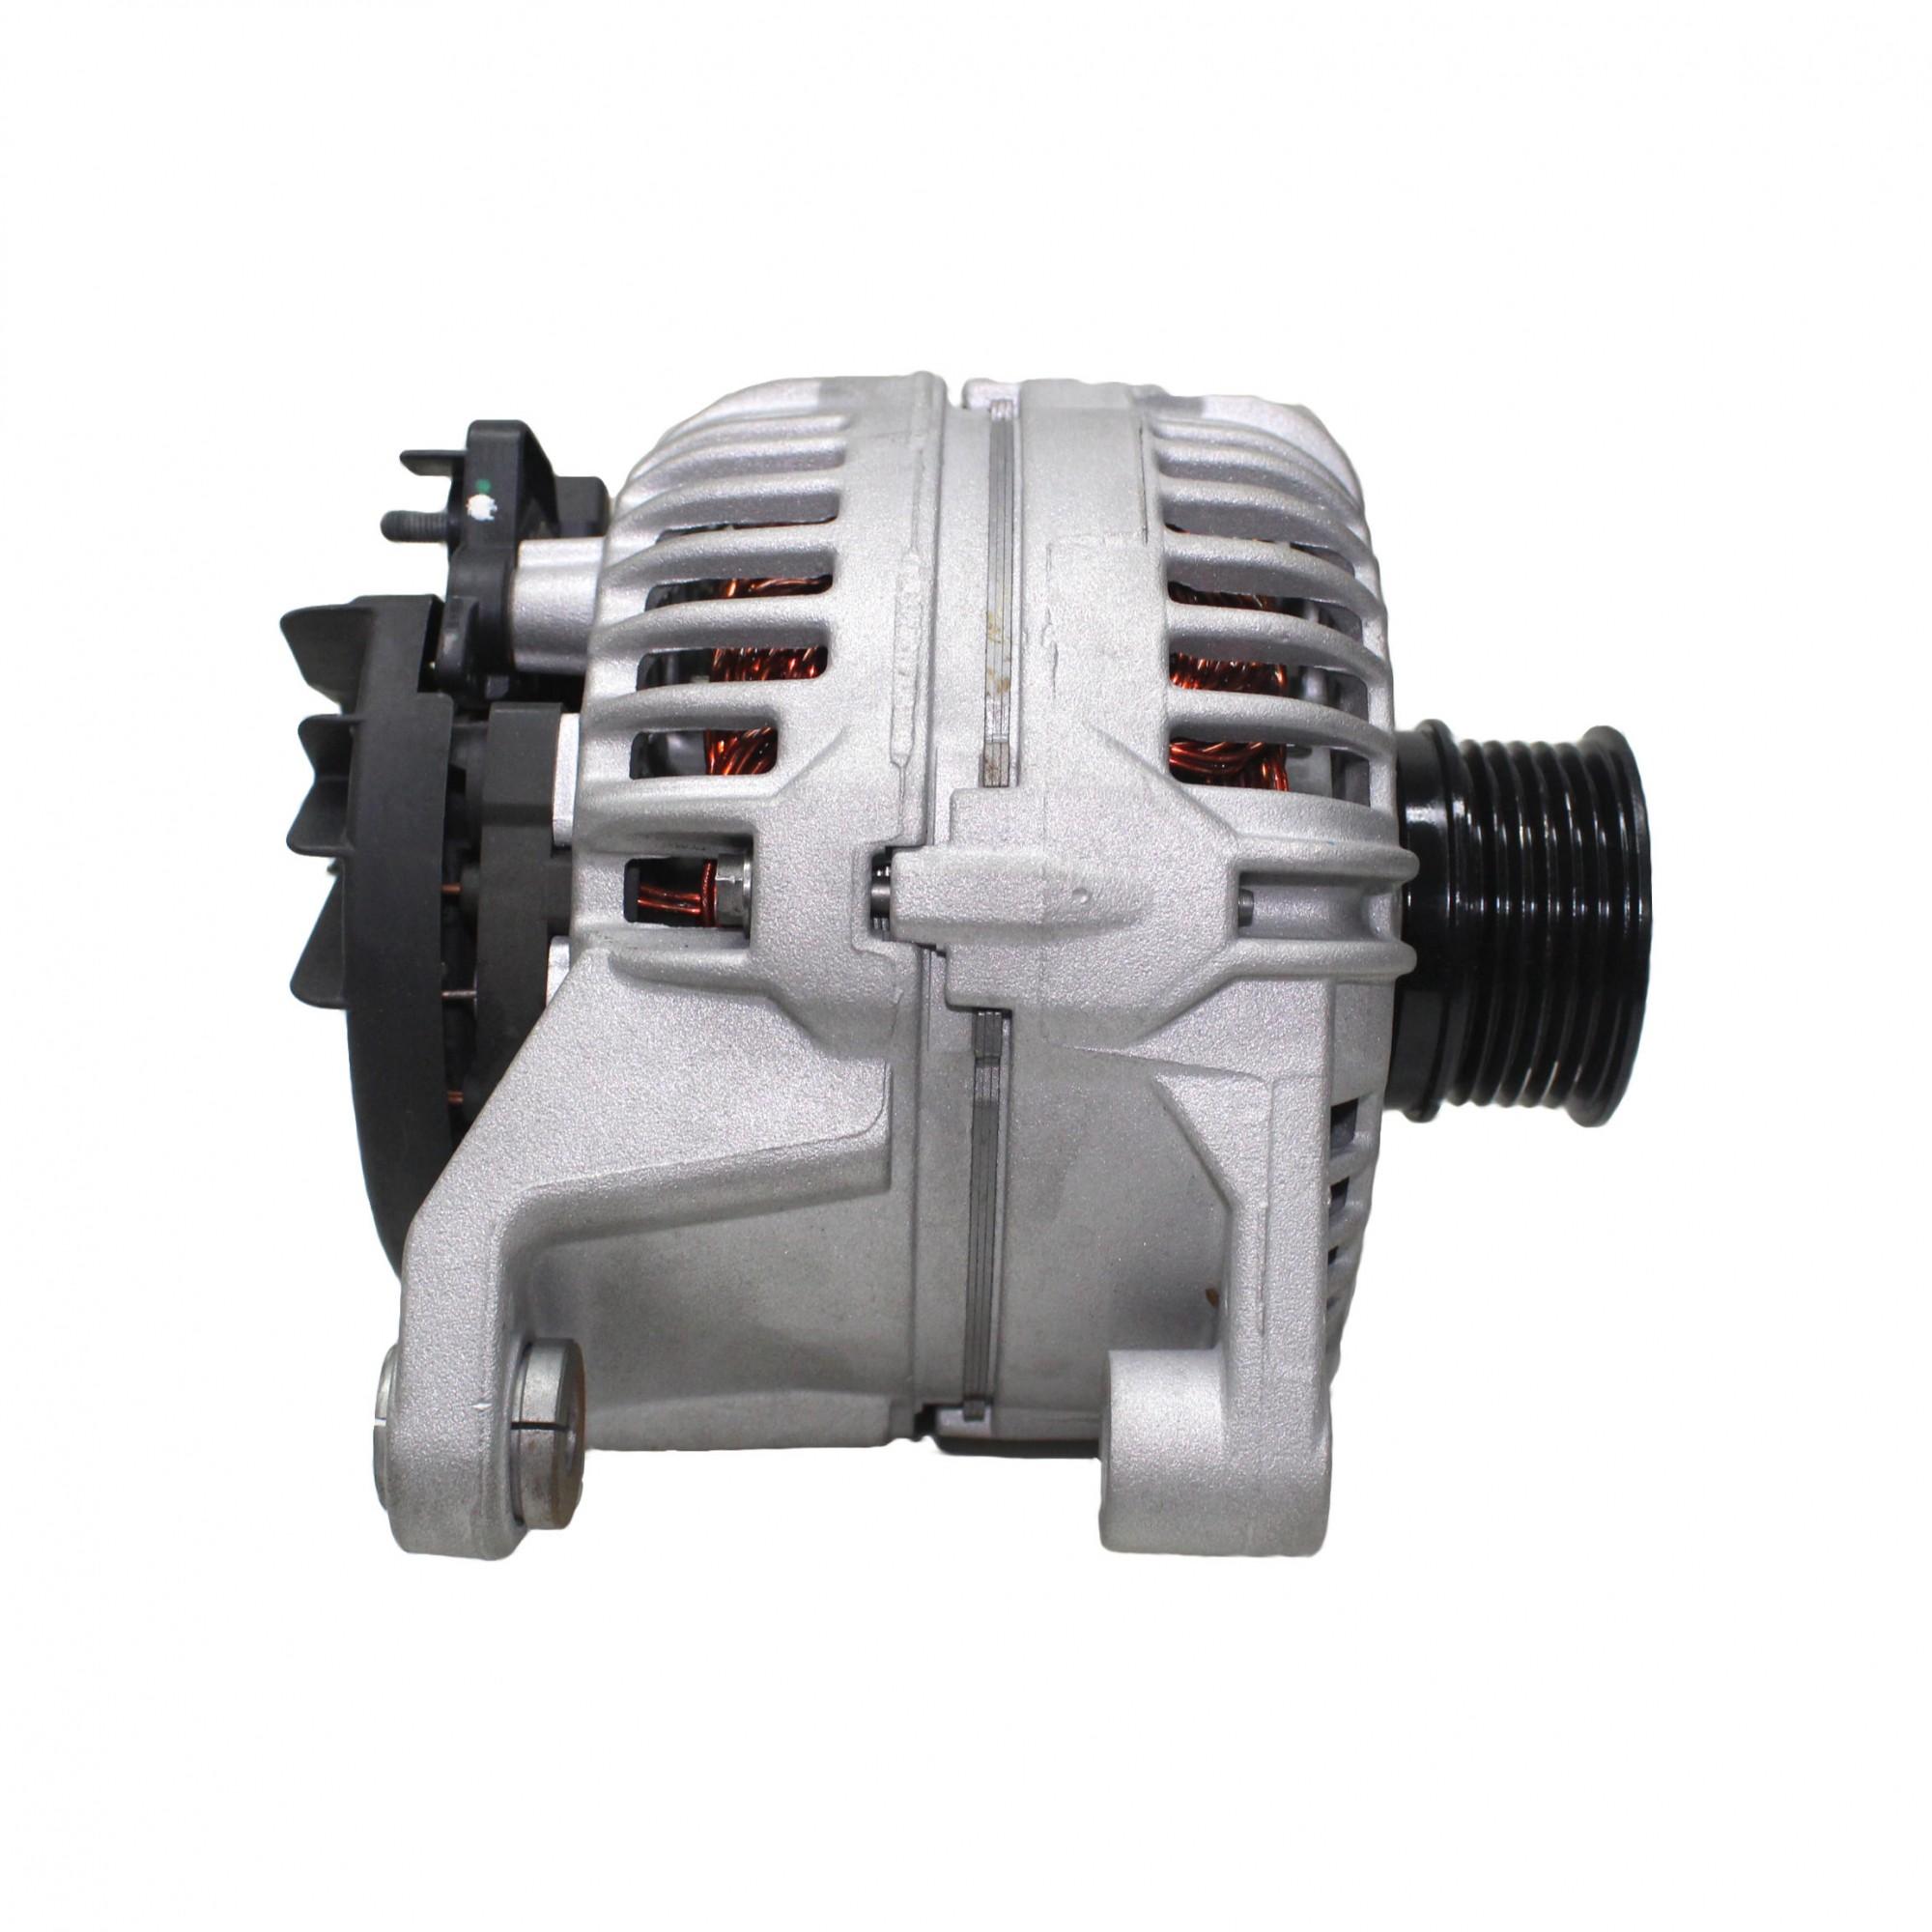 Alternador Bosch 120AH Ducato 2.5 2.8 99...09, Boxer 0124515100 / 504036769